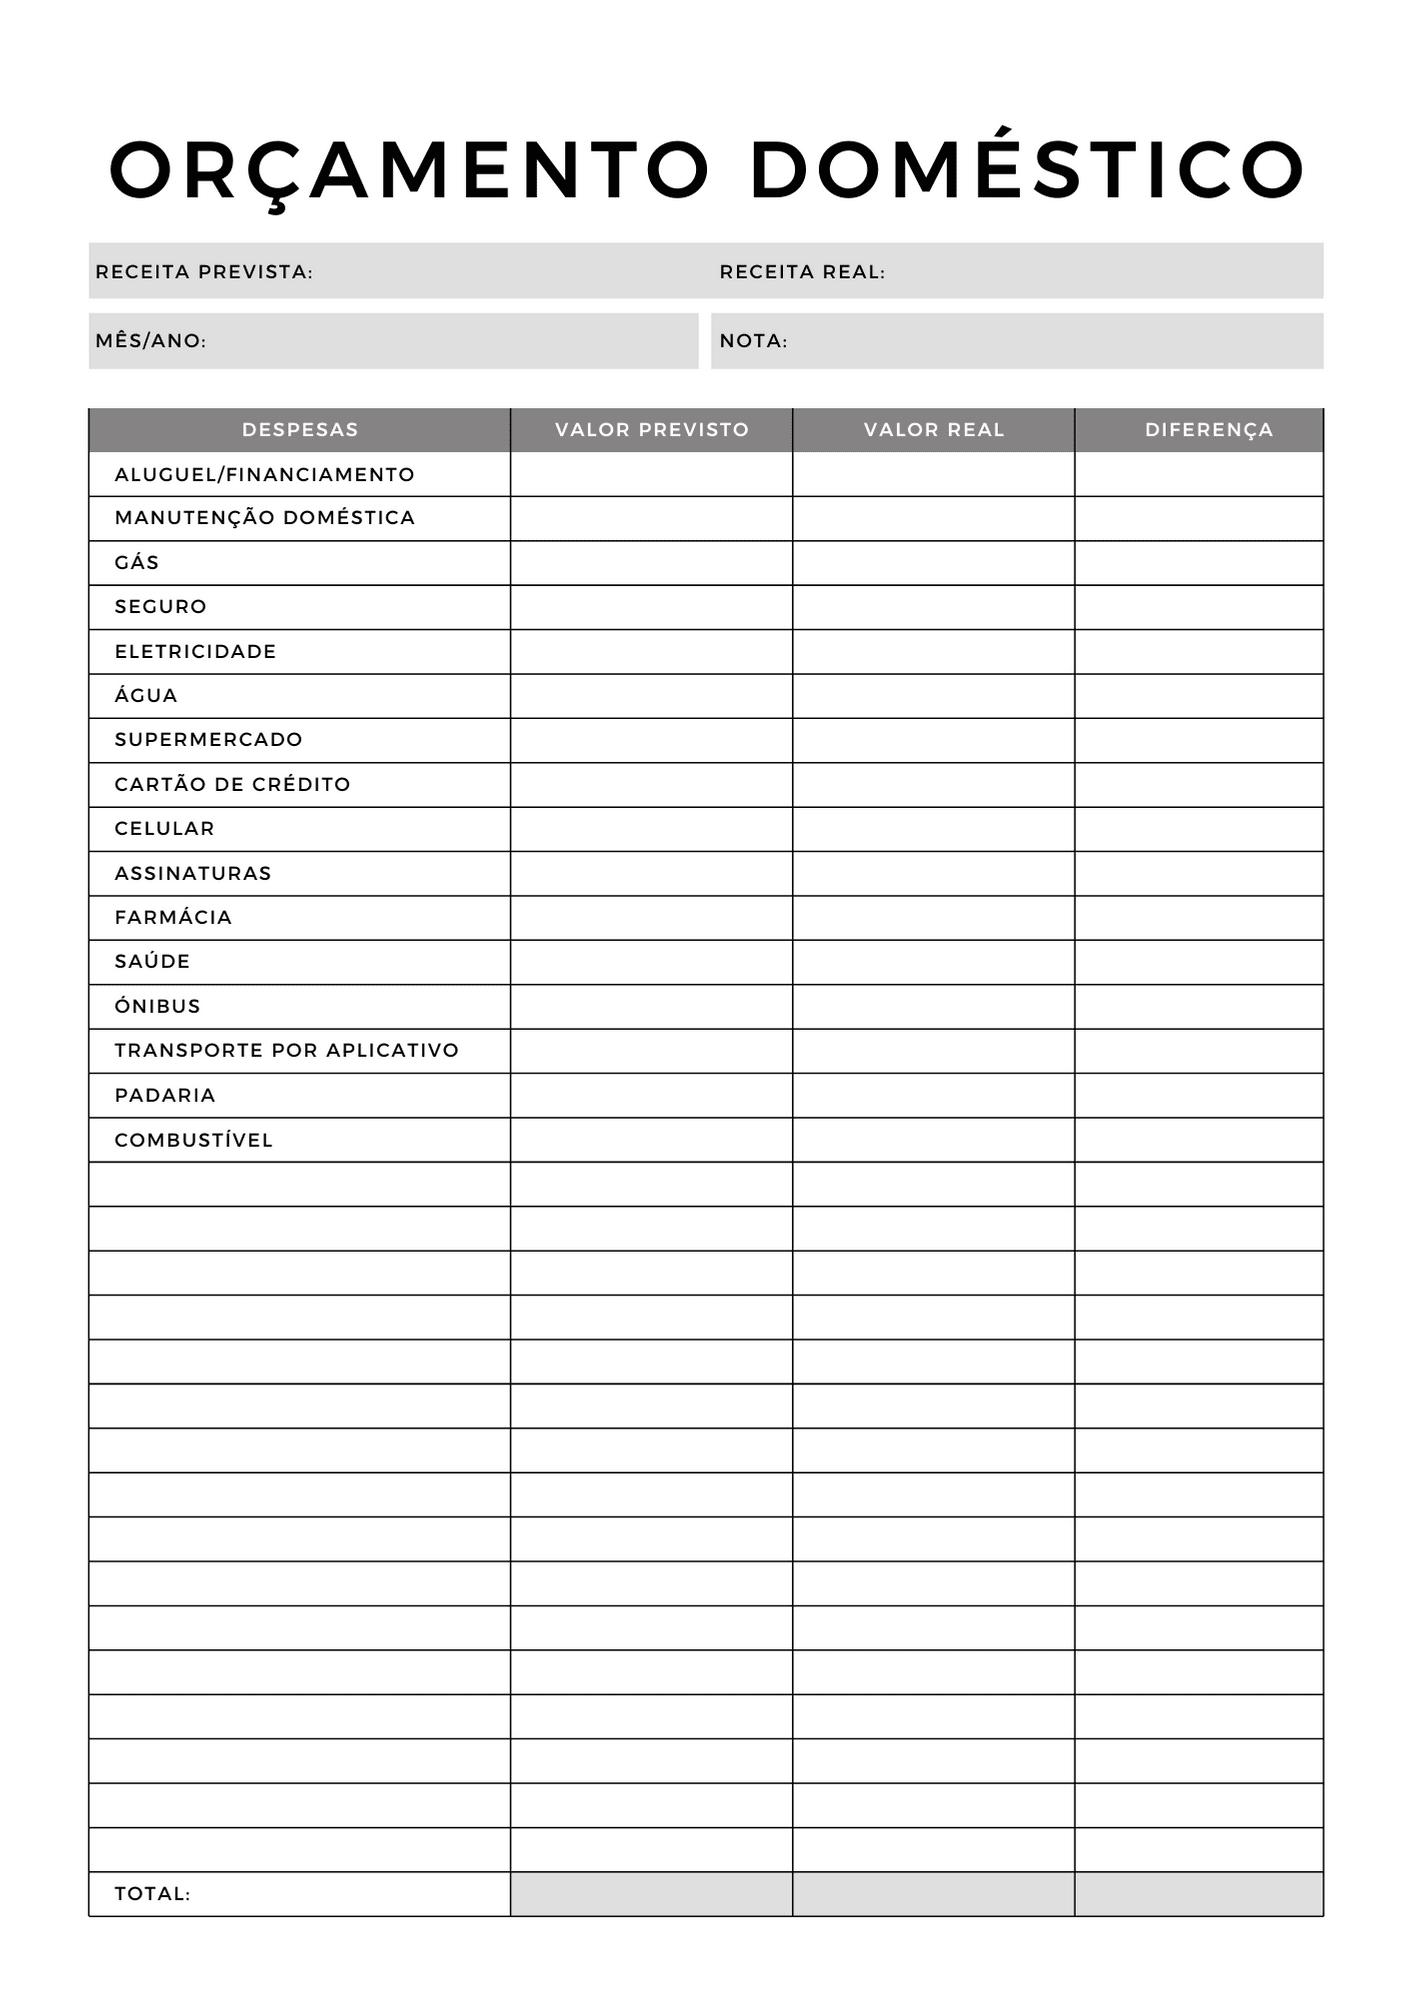 Folha de orçamento para imprimir grátis